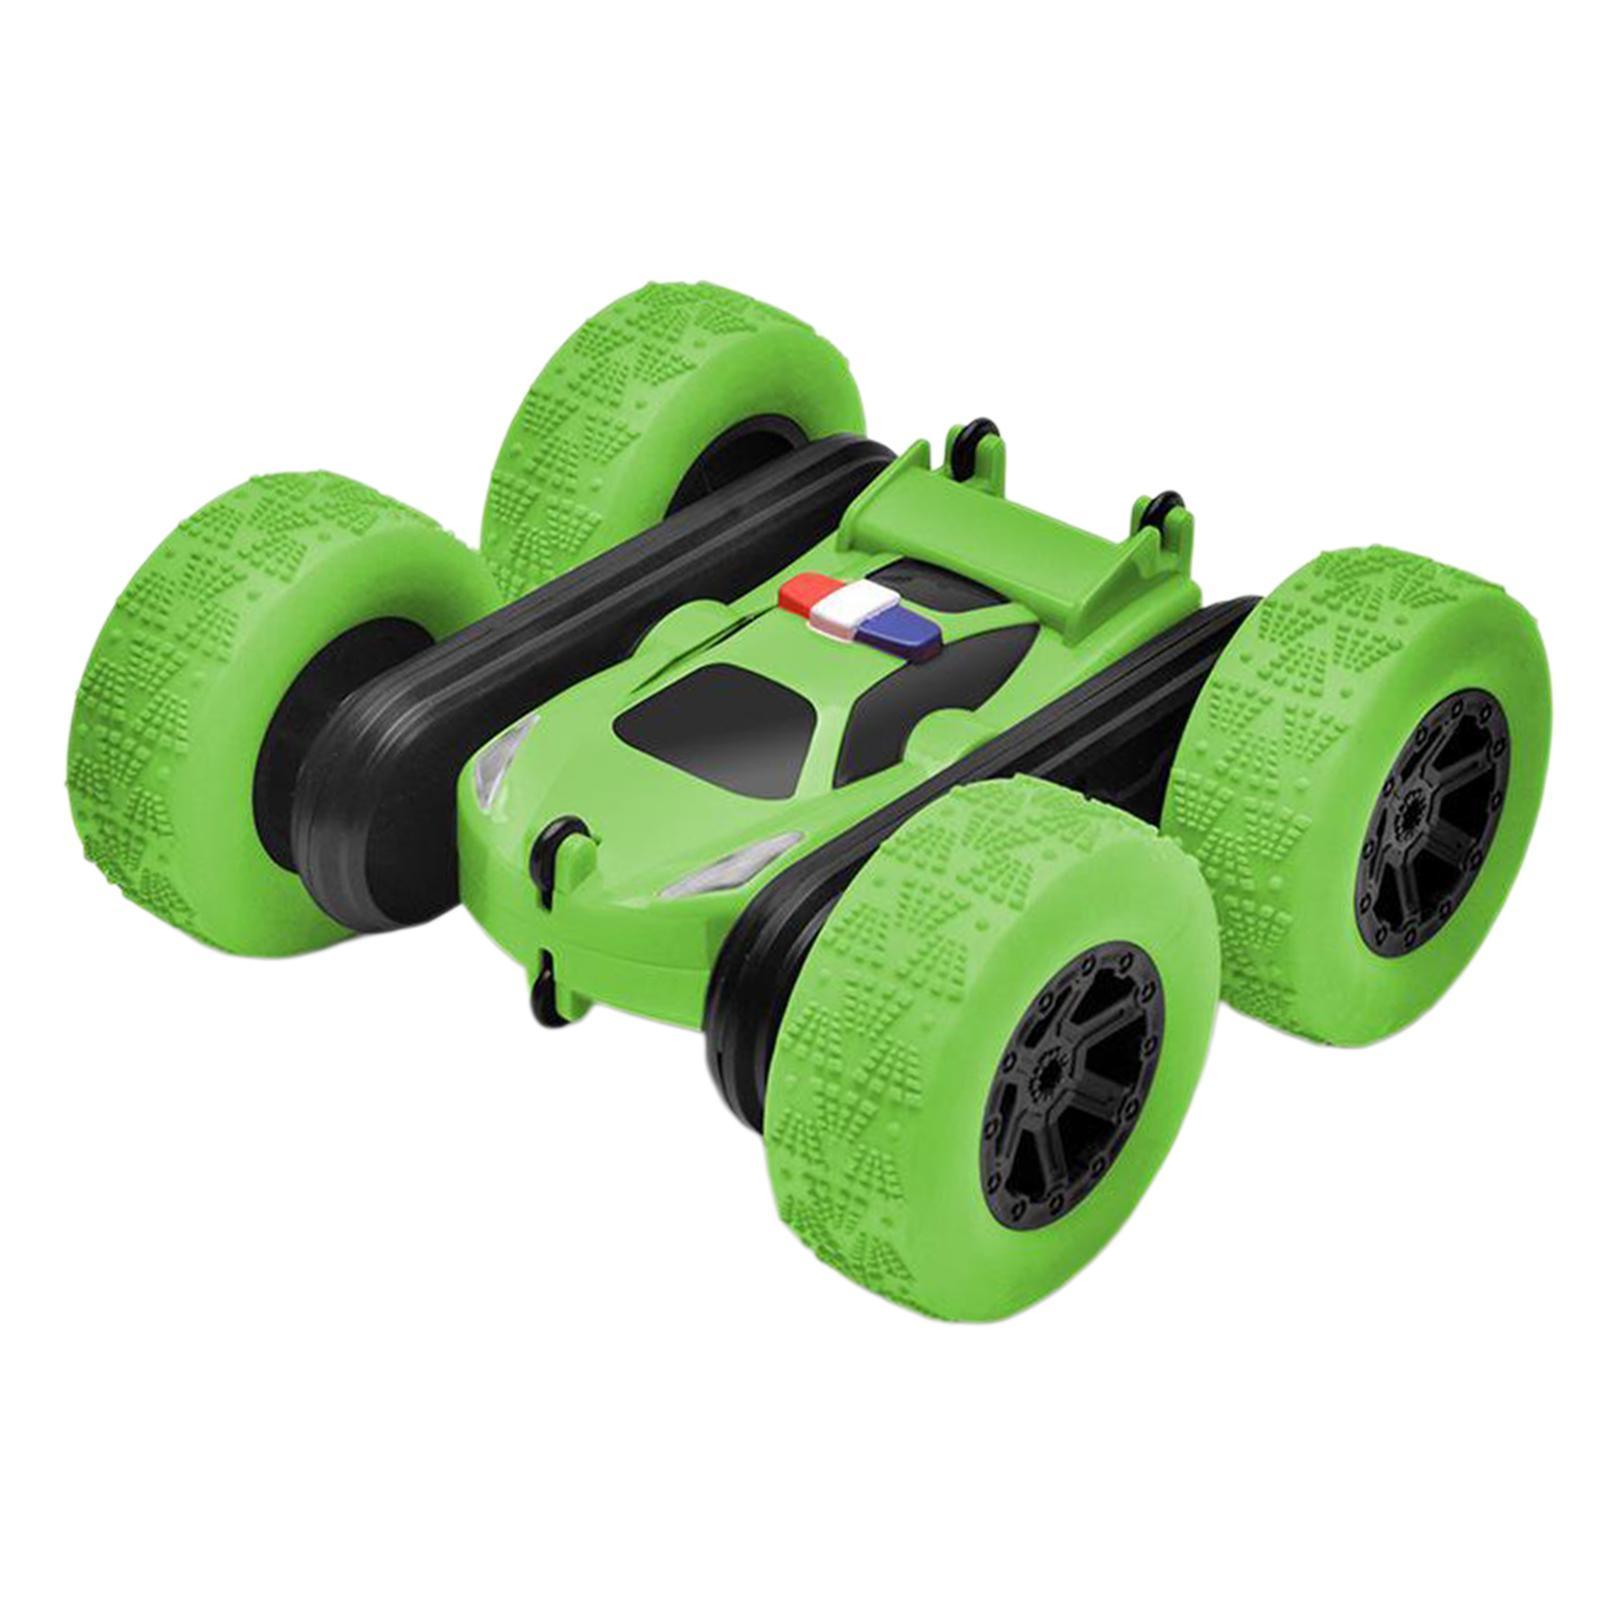 miniatura 56 - Telecomando Auto Stunt Car Giocattolo Per Bambini 2.4GHz di Controllo Remoto